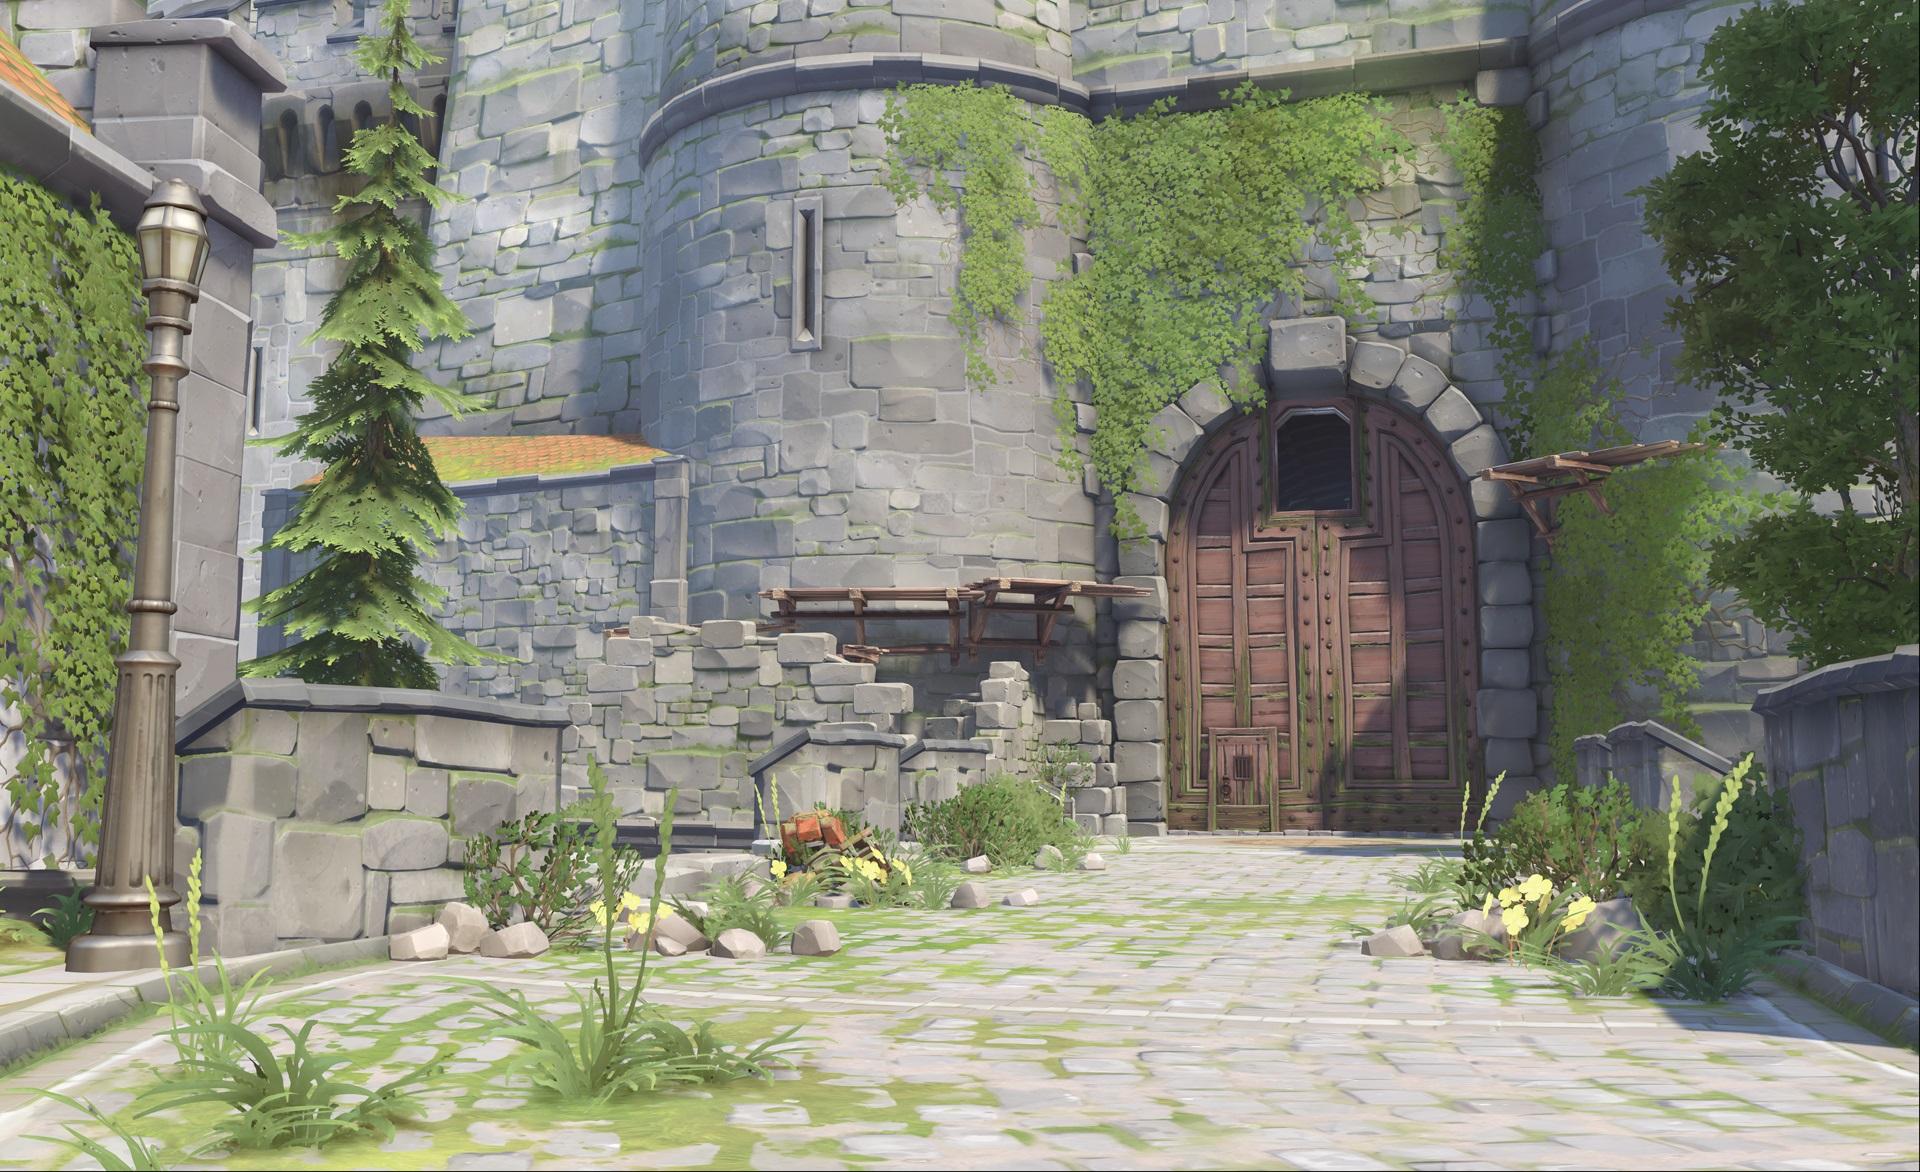 Nová mapa pro Overwatch nás zavede do hradu a přilehlého městečka v Německu 128656